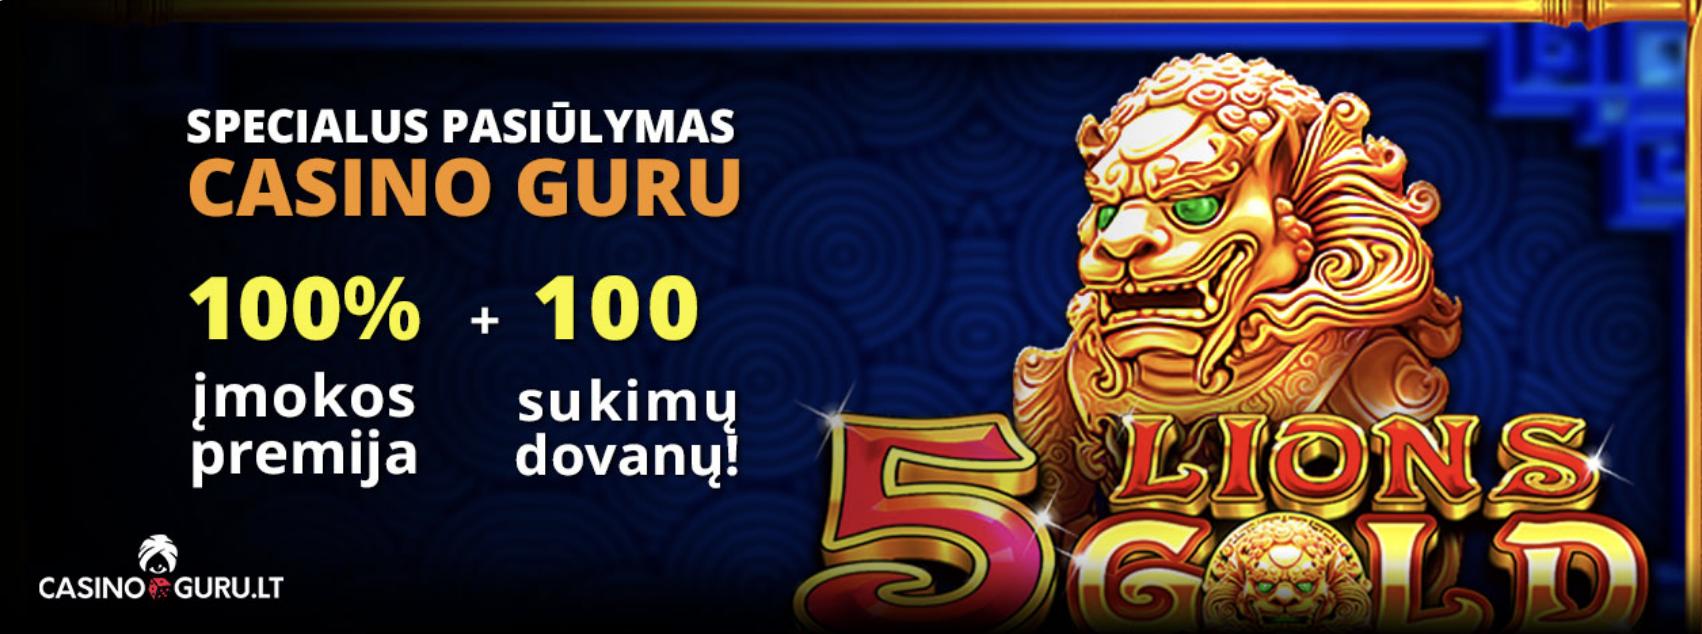 100% kazino įmokos premija akcija 5 lions uniclub